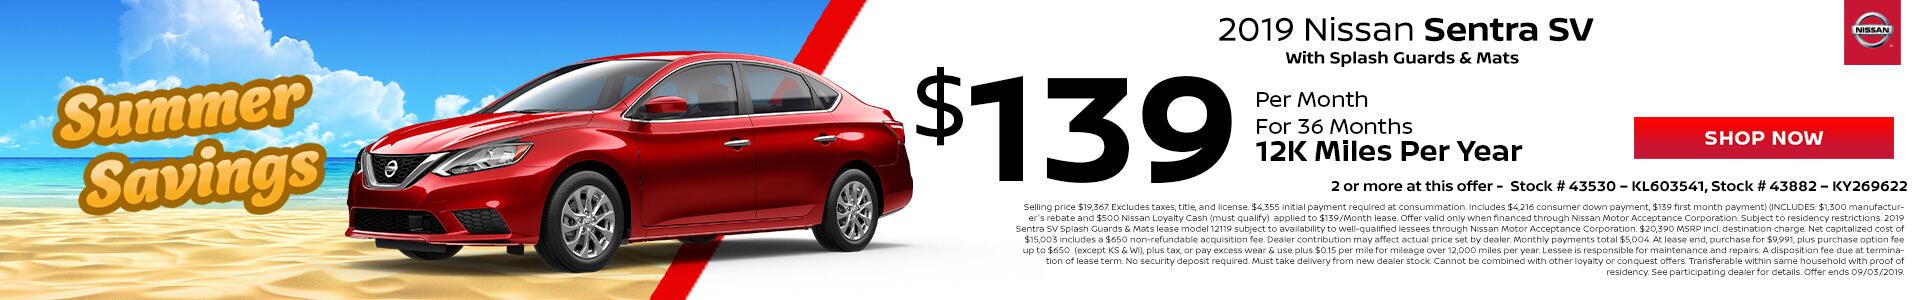 Nissan Sentra SV $139 Lease